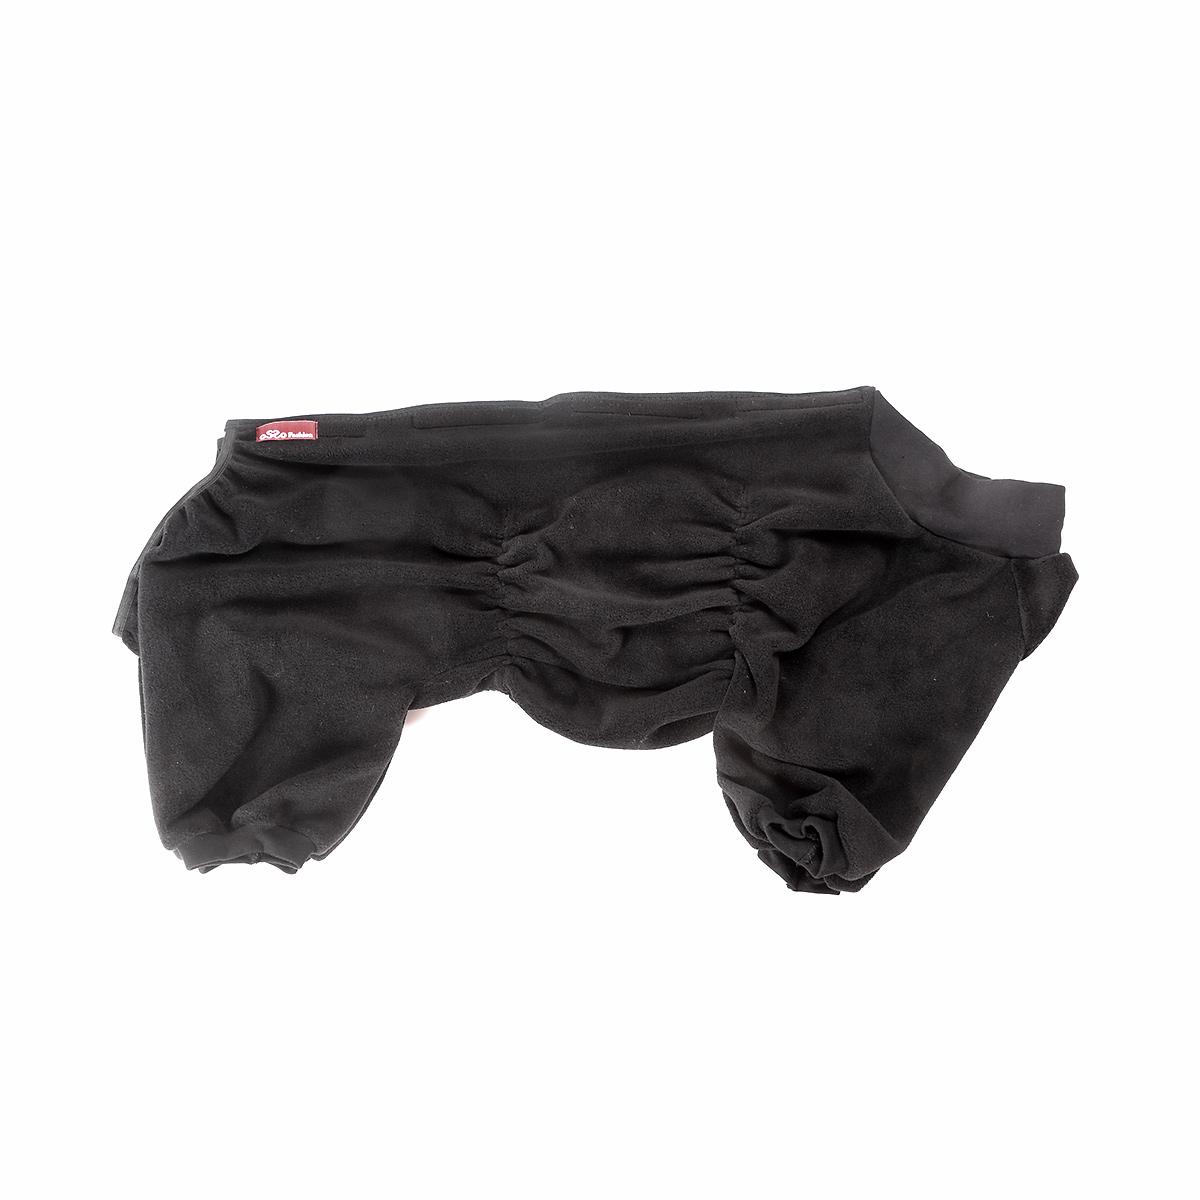 Комбинезон для собак OSSO Fashion, для мальчика, цвет: графит. Размер 400120710Комбинезон для собак OSSO Fashion выполнен из флиса. Комфортная посадка по корпусу достигается за счет резинок-утяжек под грудью и животом. На воротнике имеются завязки, для дополнительной фиксации. Можно носить самостоятельно и как поддевку под комбинезон для собак. Изделие отлично стирается, быстро сохнет.Длина спинки: 40 см.Объем груди: 52-62 см.